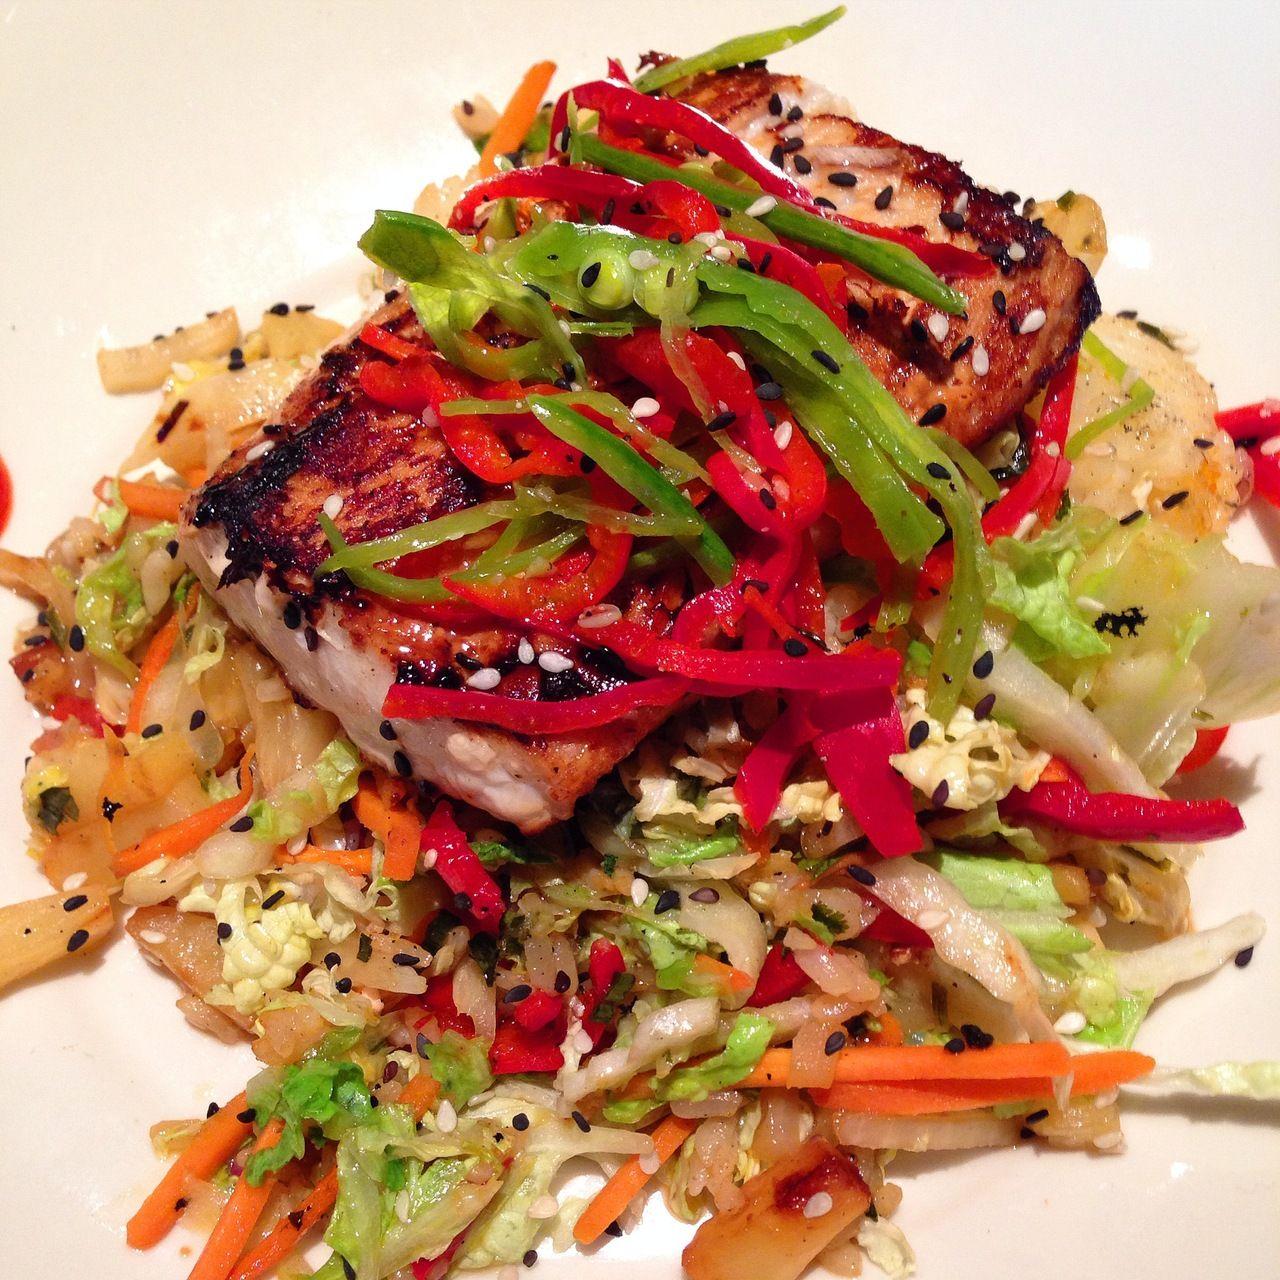 Hawaiian Mahi-Mahi / Mahi-Mahi served atop brown rice, chopped pineapples and veggies / 420 calories / BJ's Restaurant and Brewhouse (2014)